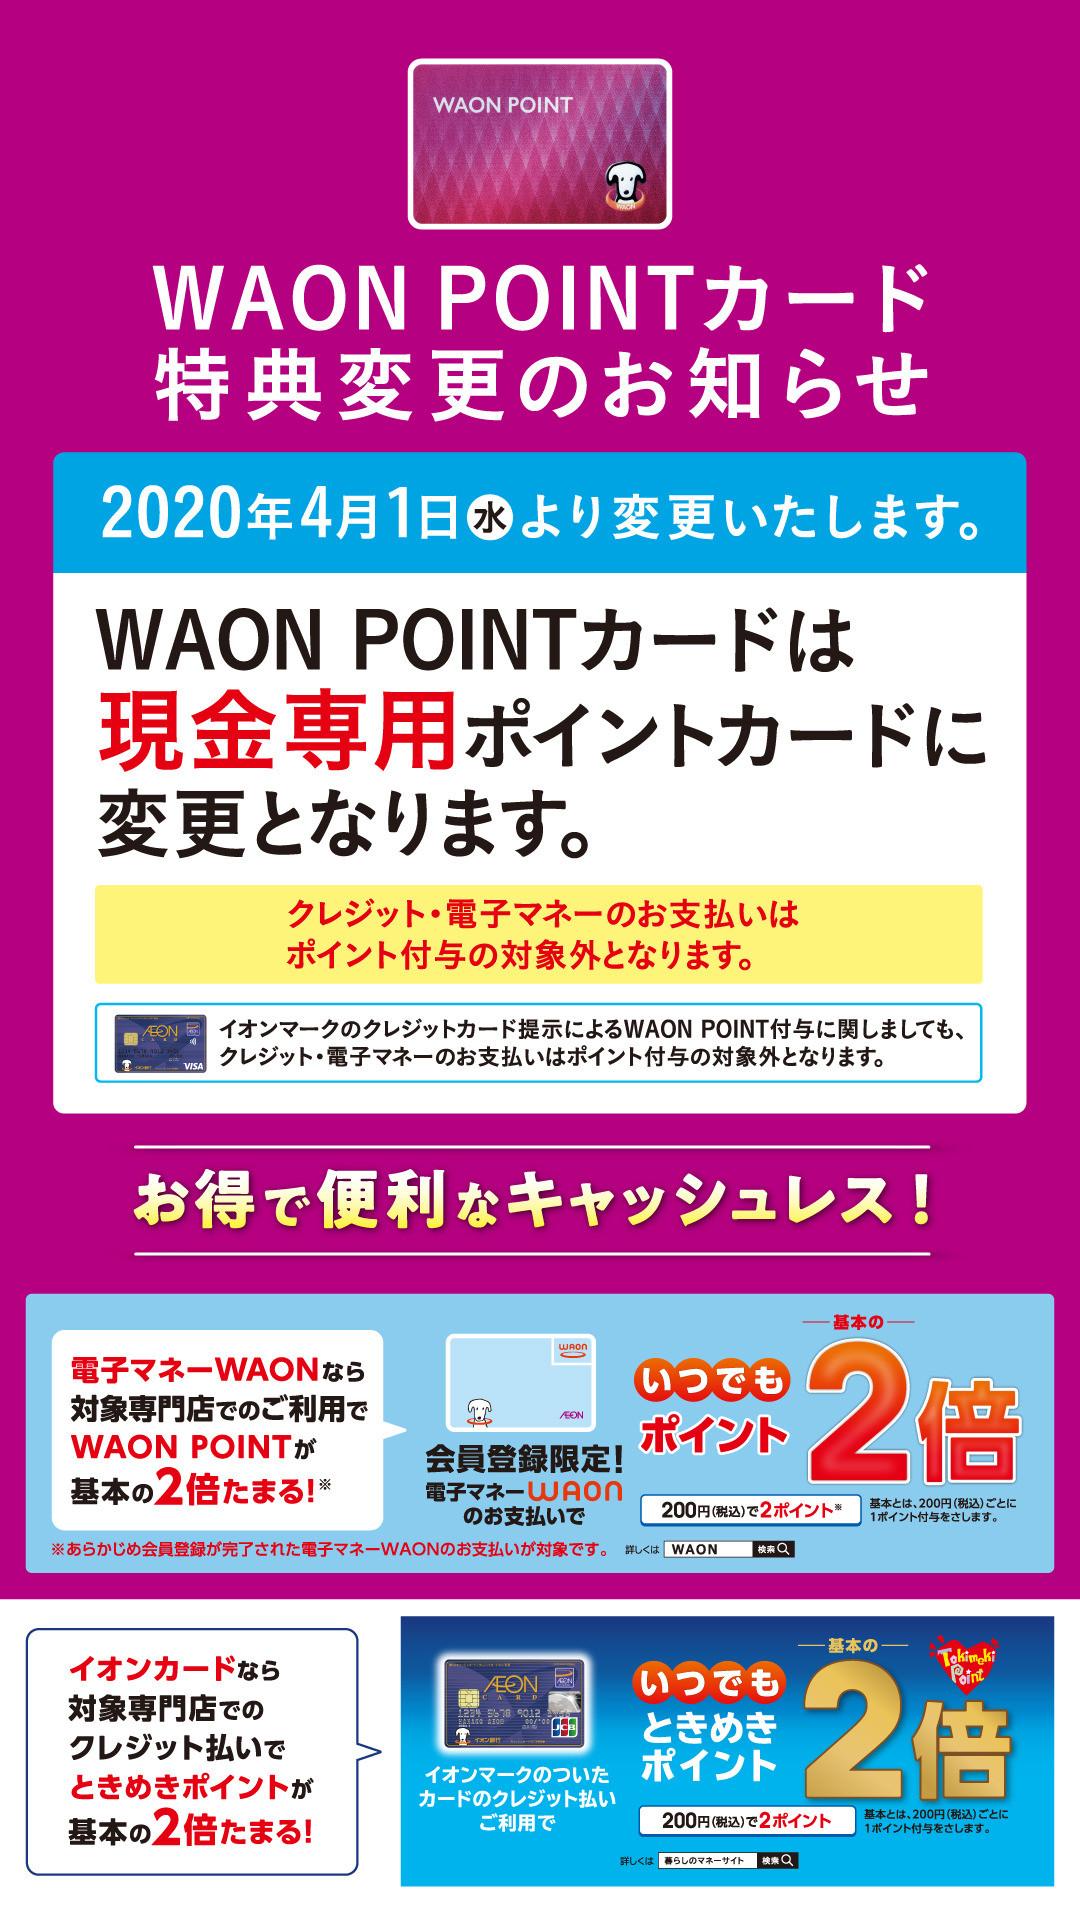 WAON POINTカード特典変更のお知らせ